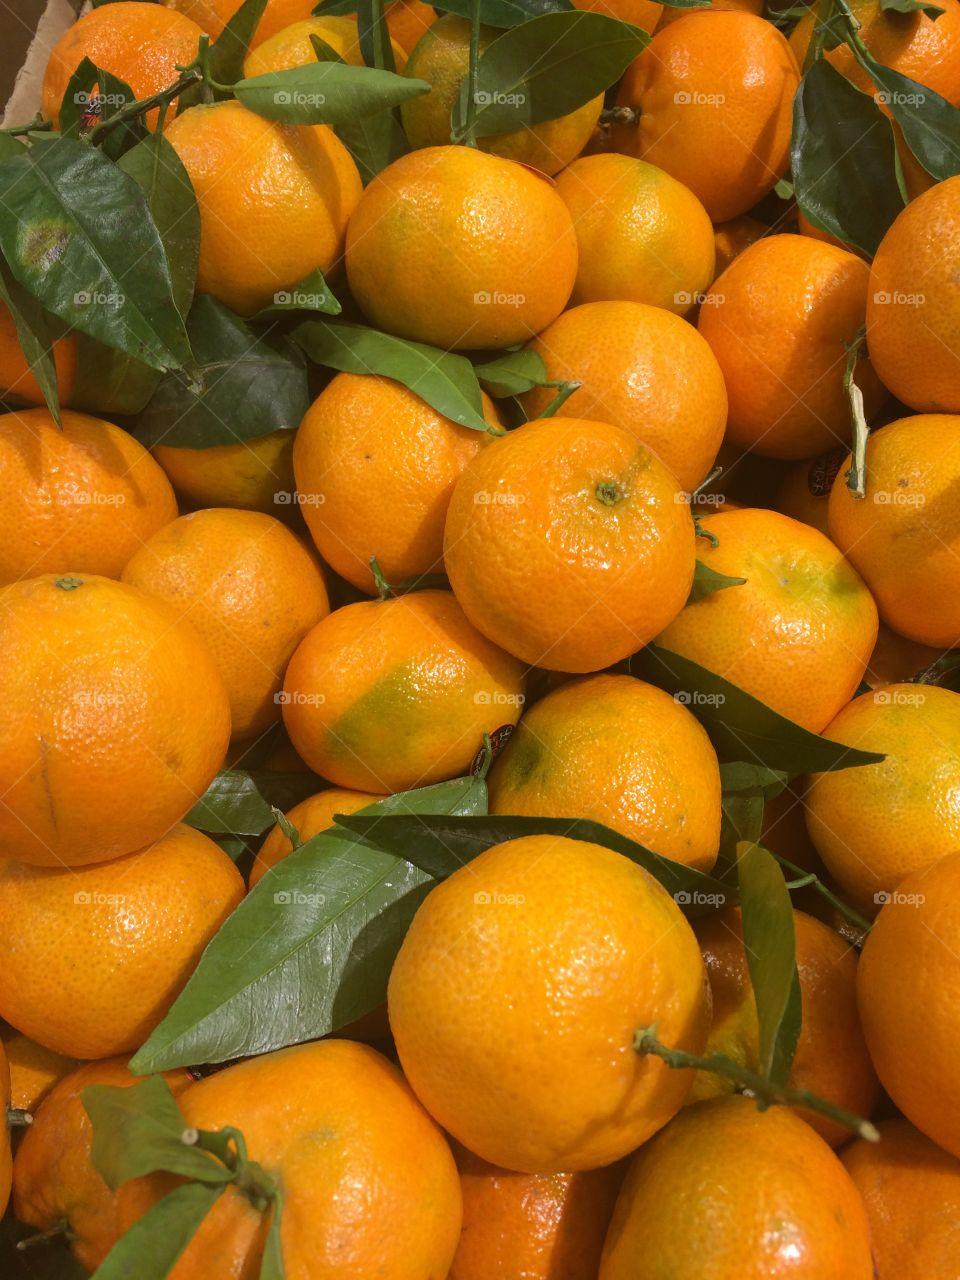 Full frame of oranges